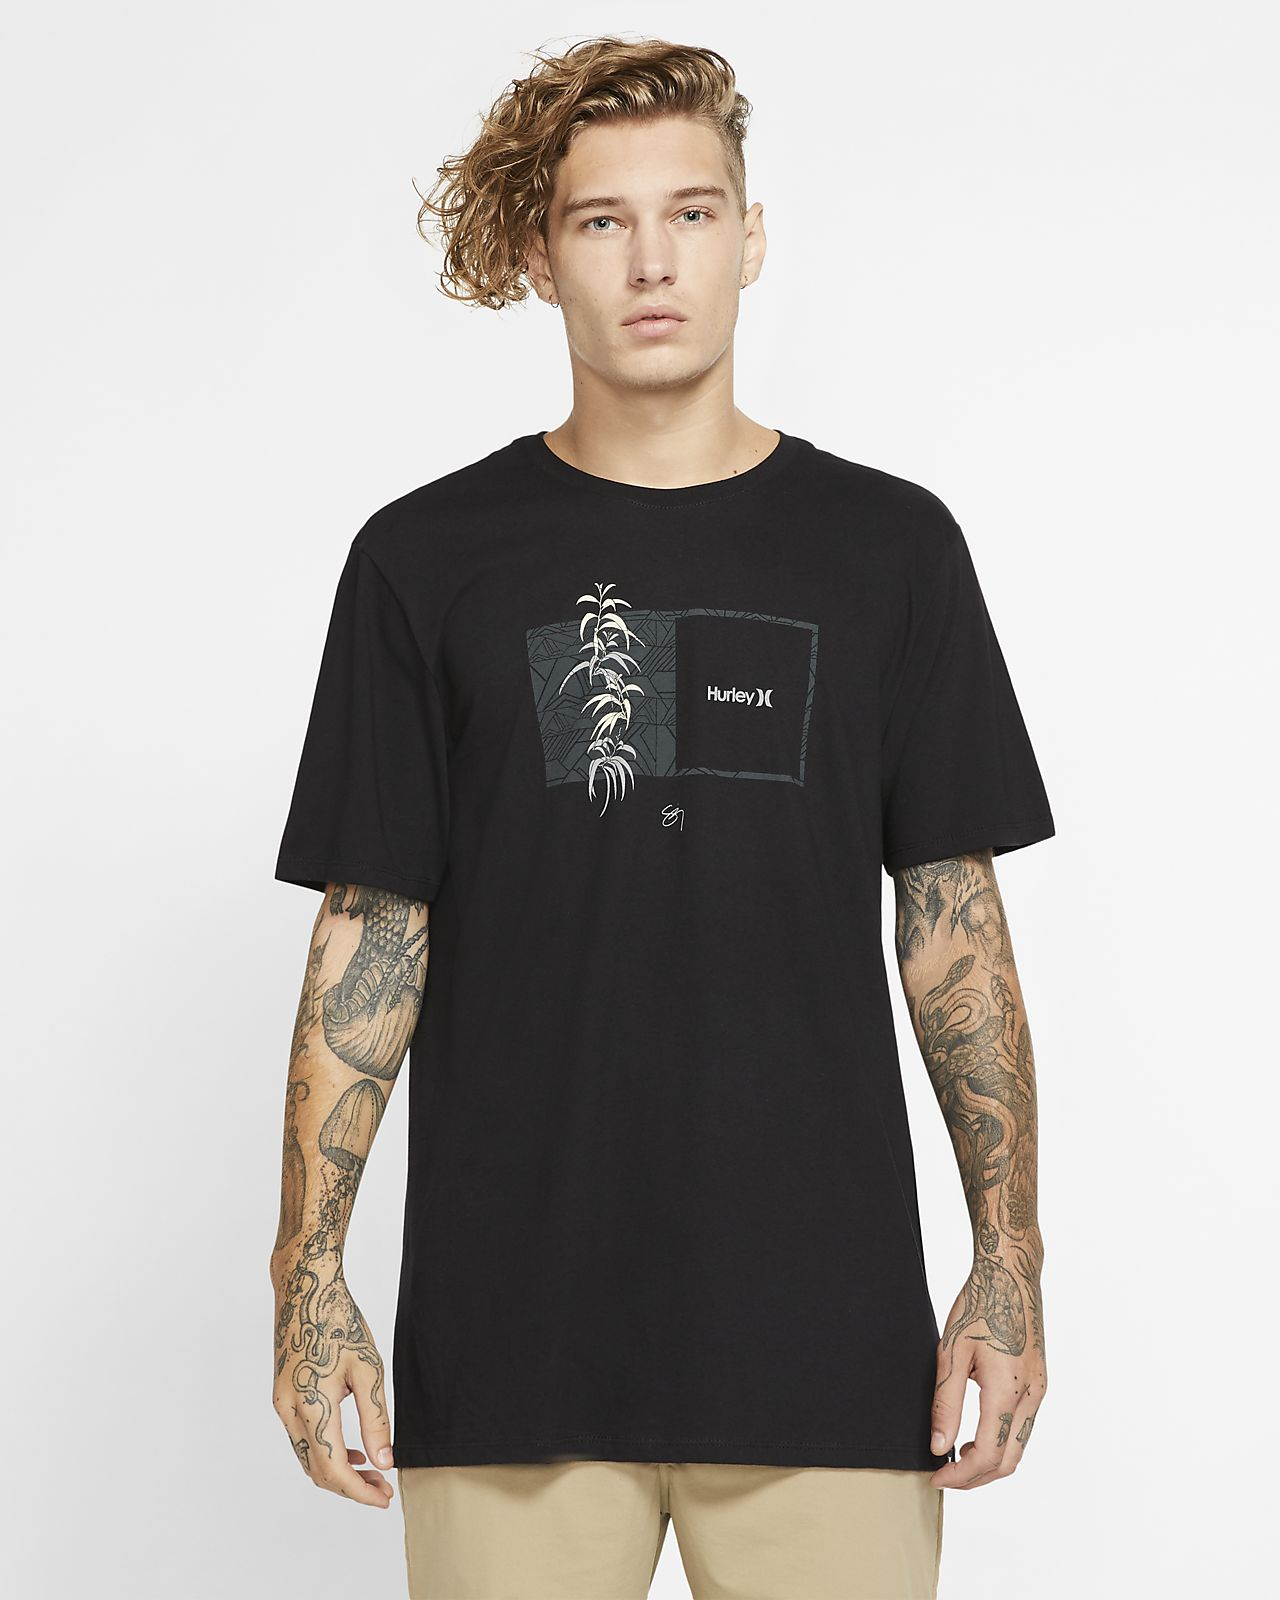 Hurley Premium Sig Zane Kalaukoa Erkek Tişörtü